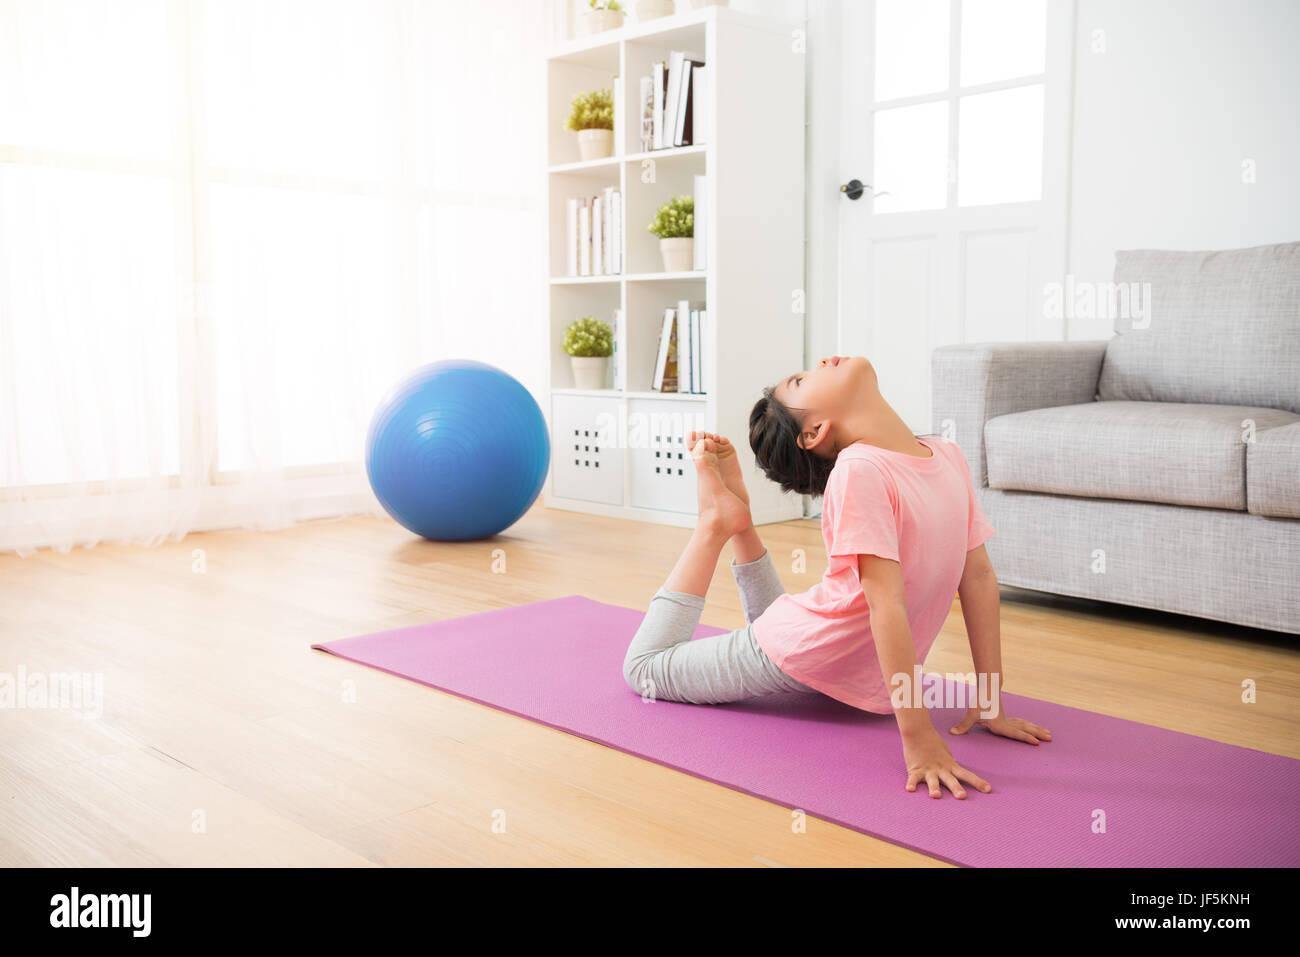 Little Girl Doing Yoga Exercice Sur Tapis De Sol En Bois Avec Les